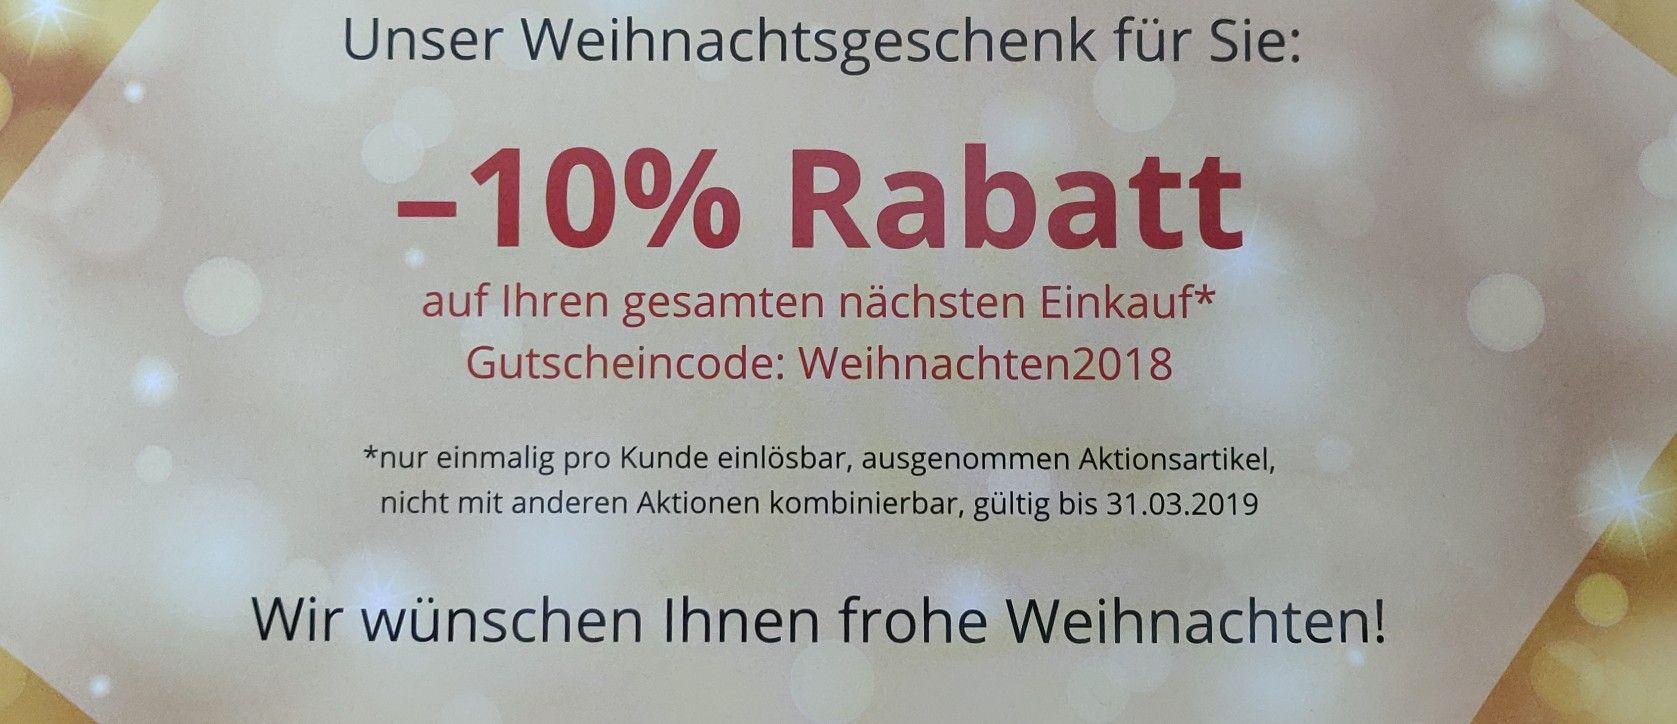 -10% Expert24 Spirituosen und Weine